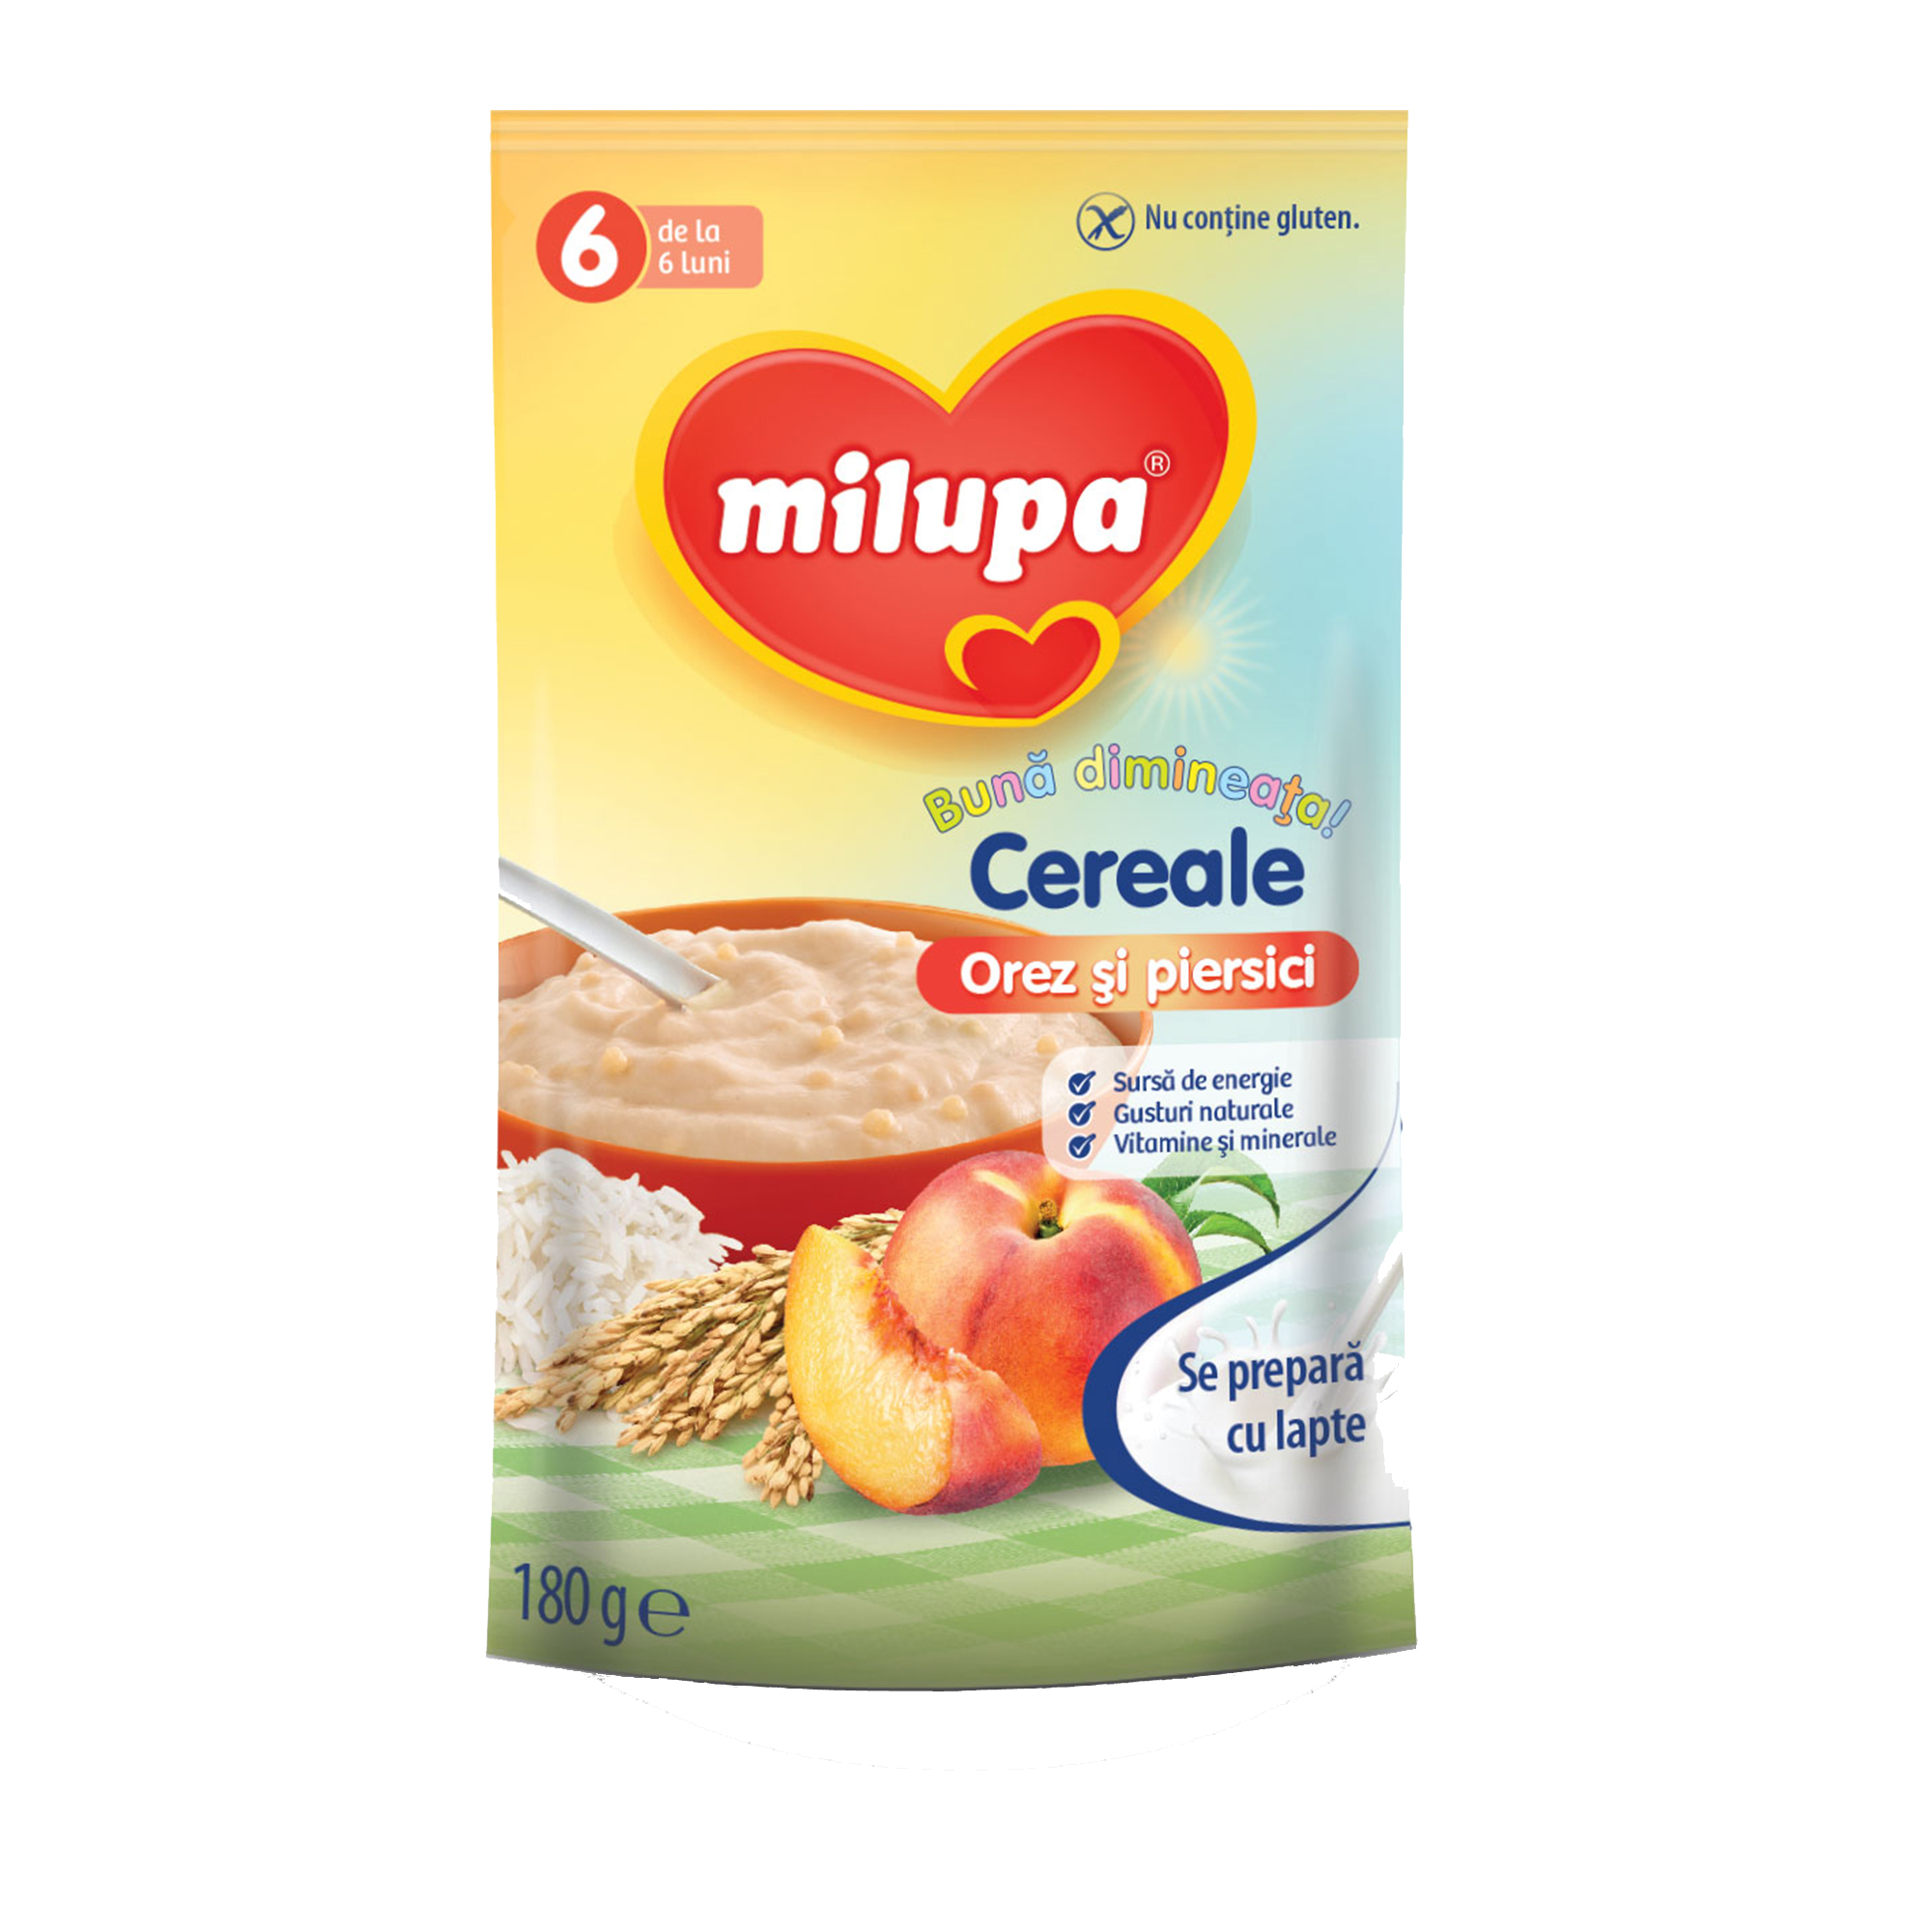 Cereale fara lapte, Milupa,Buna dimineata cereale orez si piersici, 180g, 6luni+